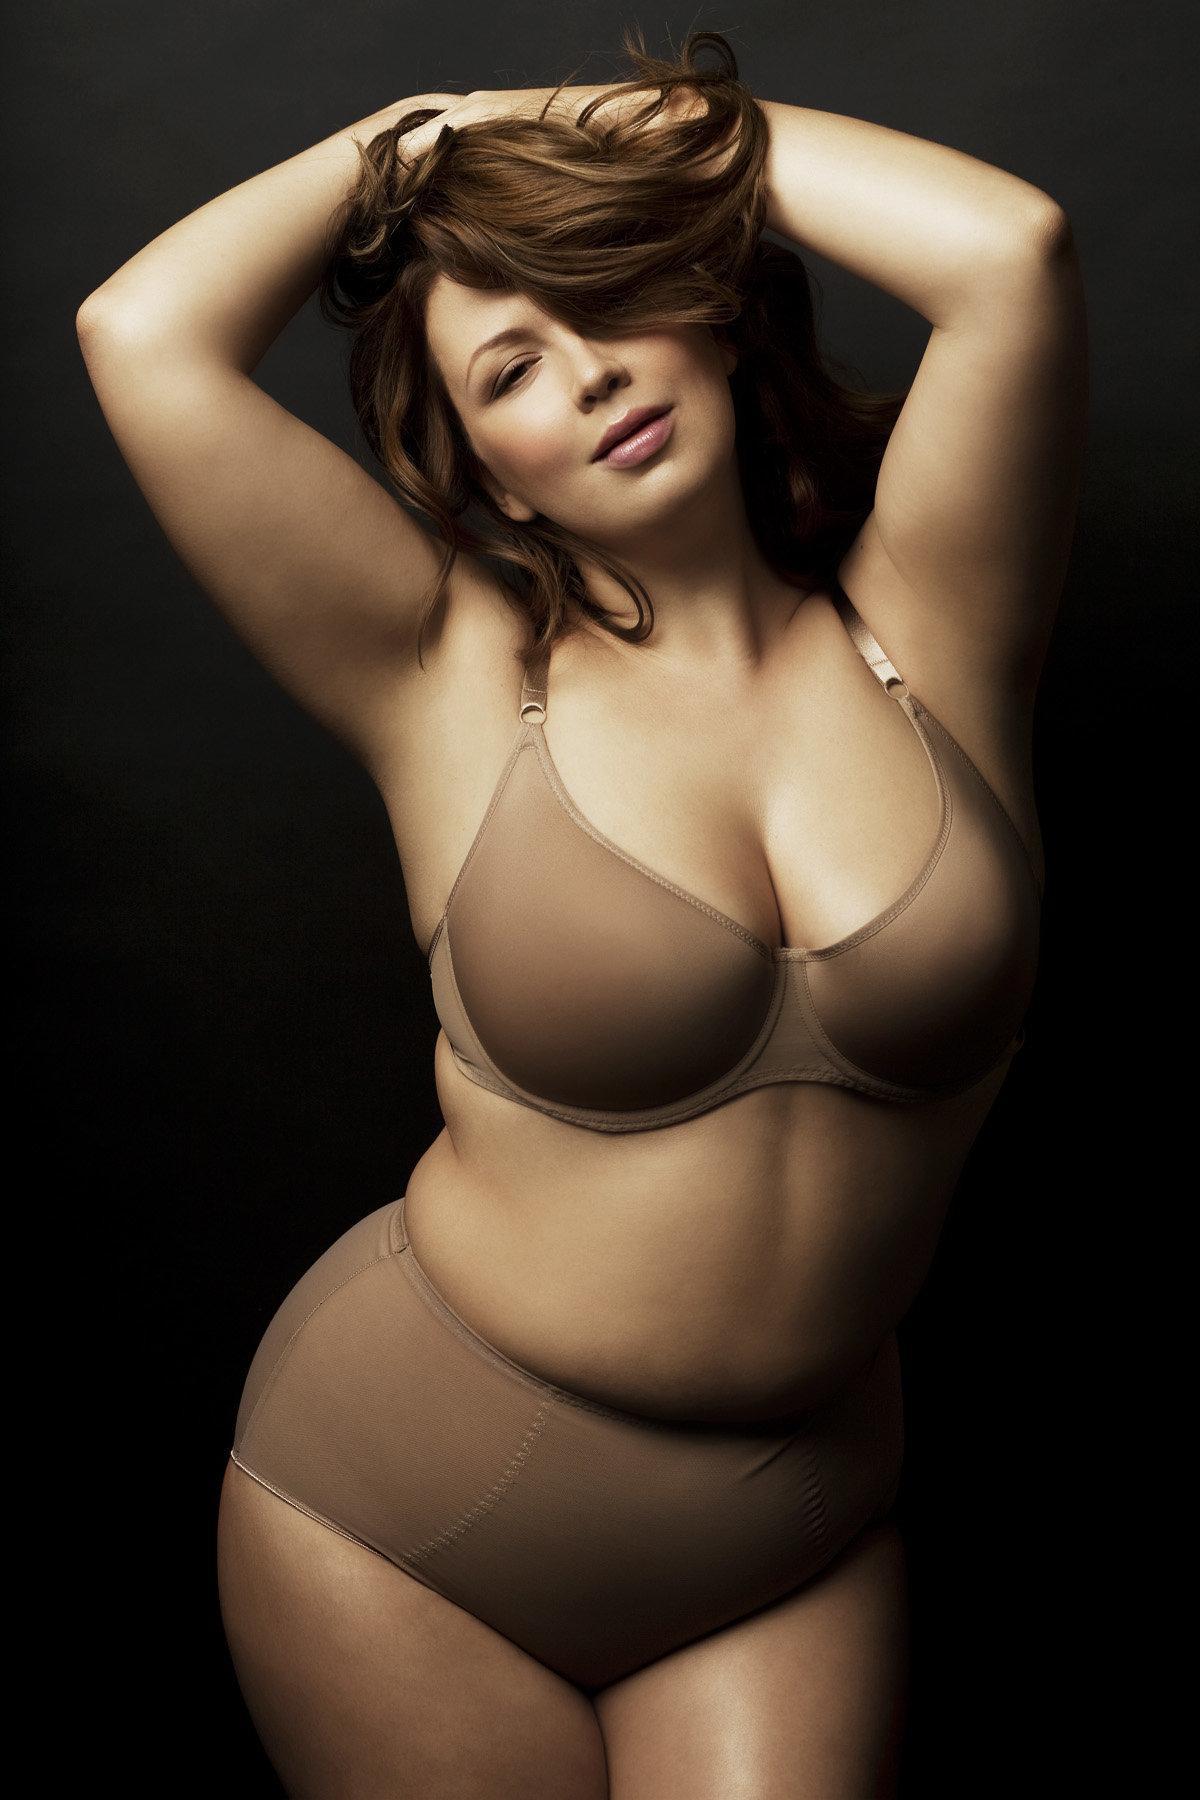 Фото жен в теле, надрал попу порно